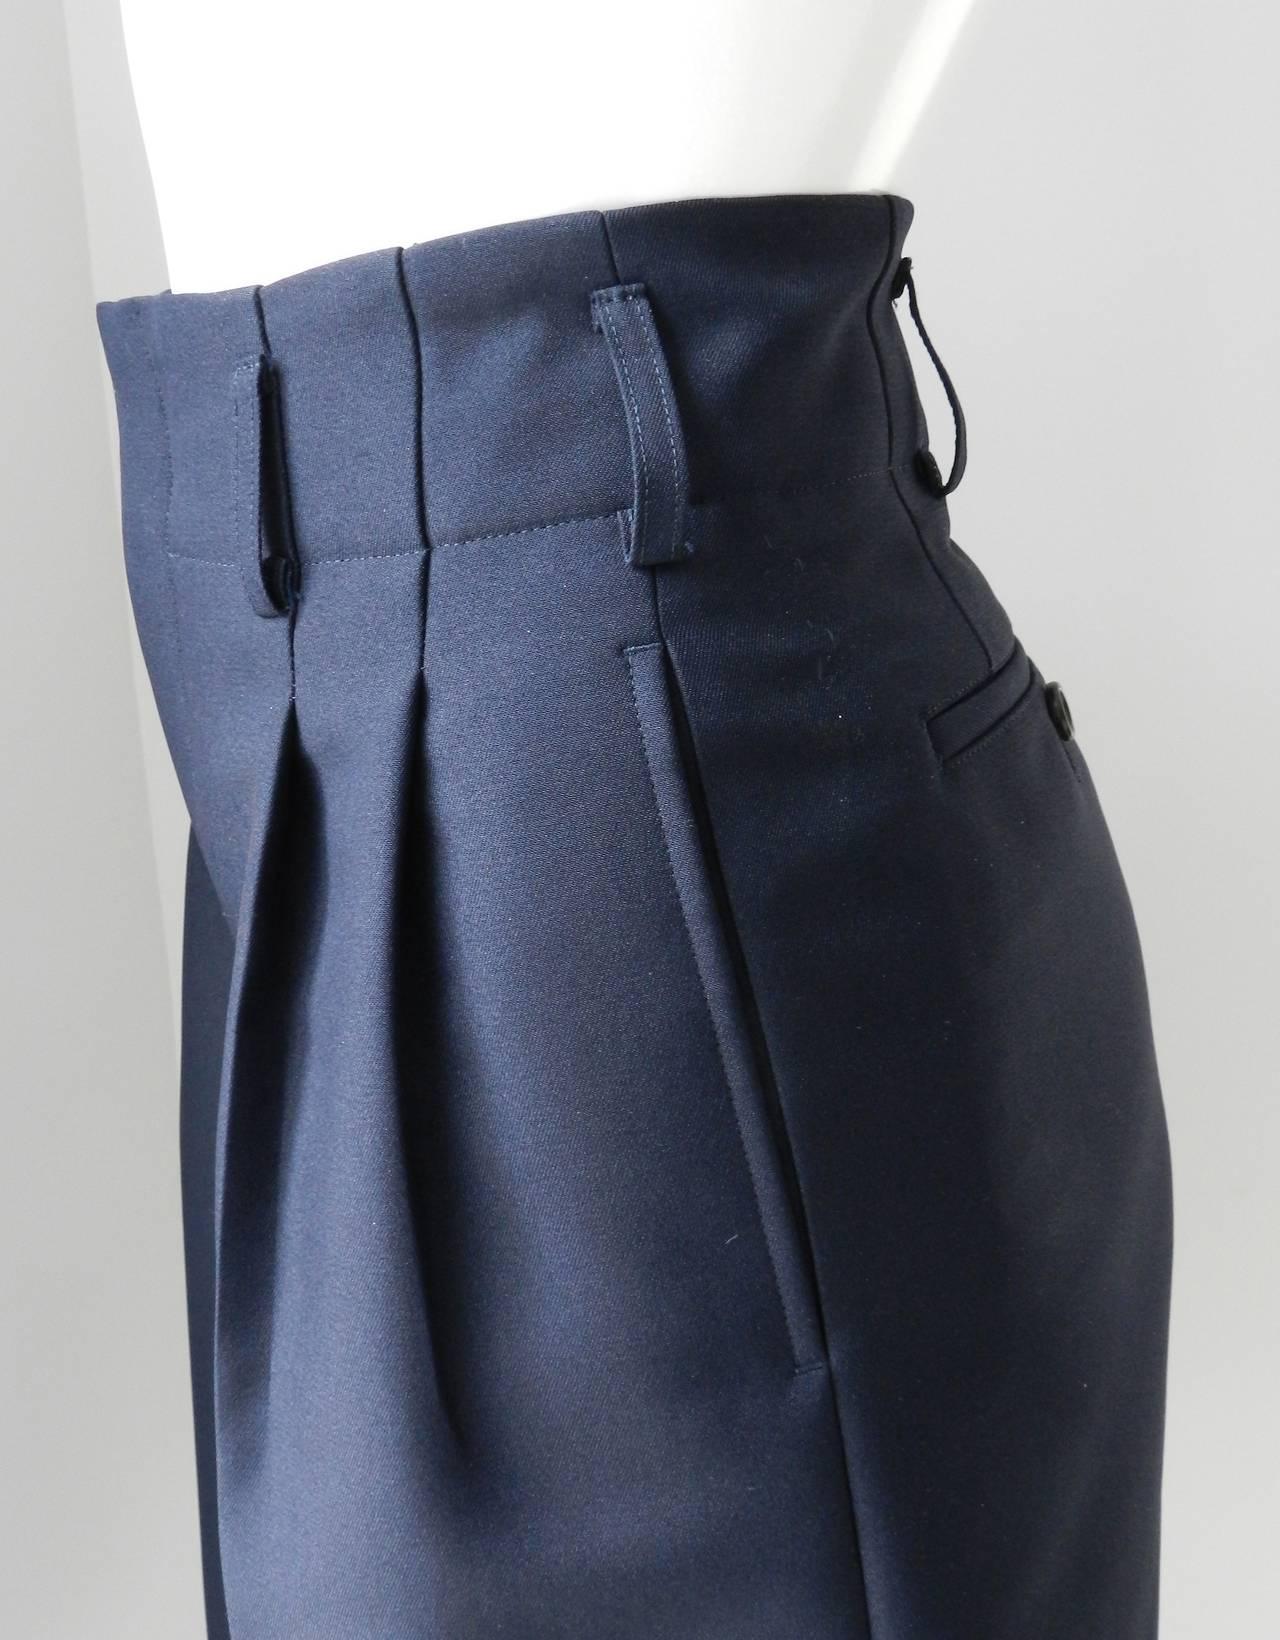 Comme des Garcons Navy Blue Culottes 4